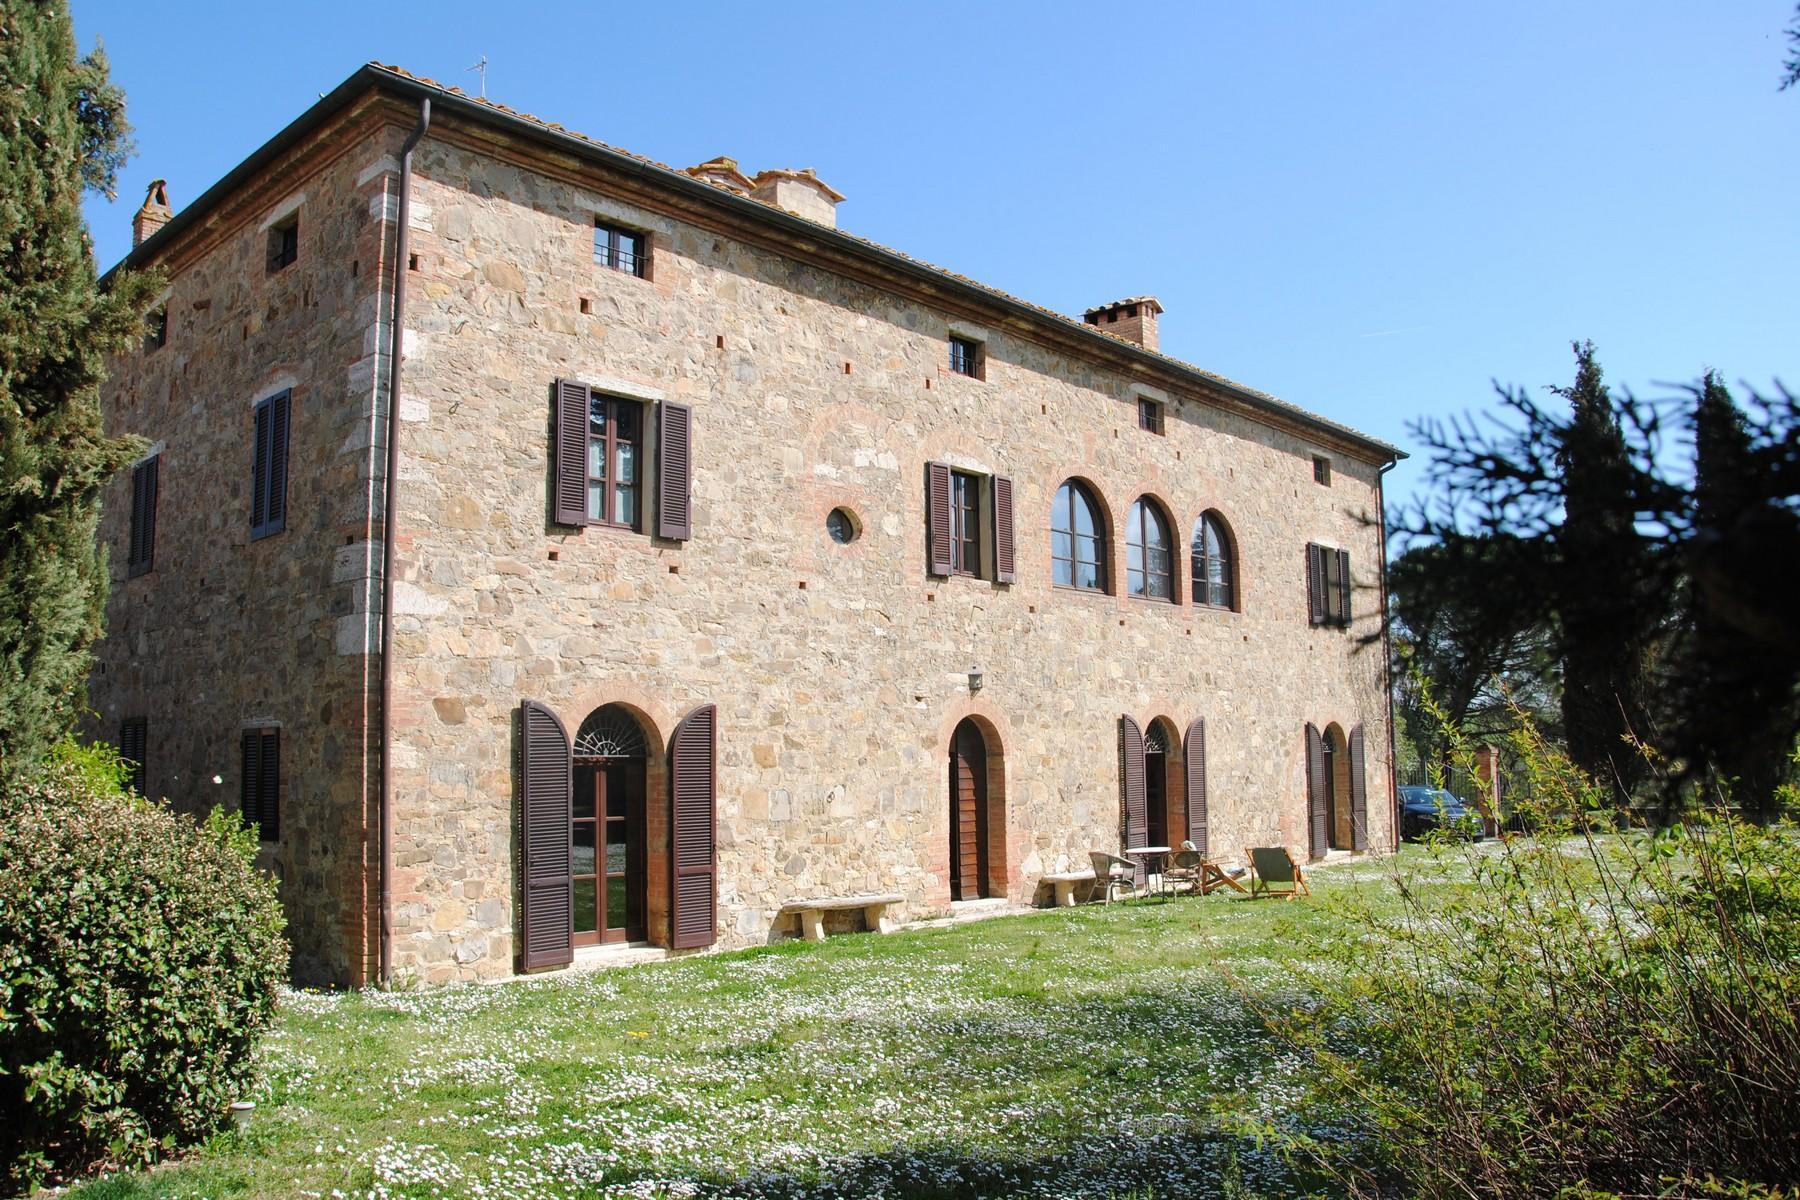 来自16世纪锡耶纳乡村优雅而古典的农舍 - 2